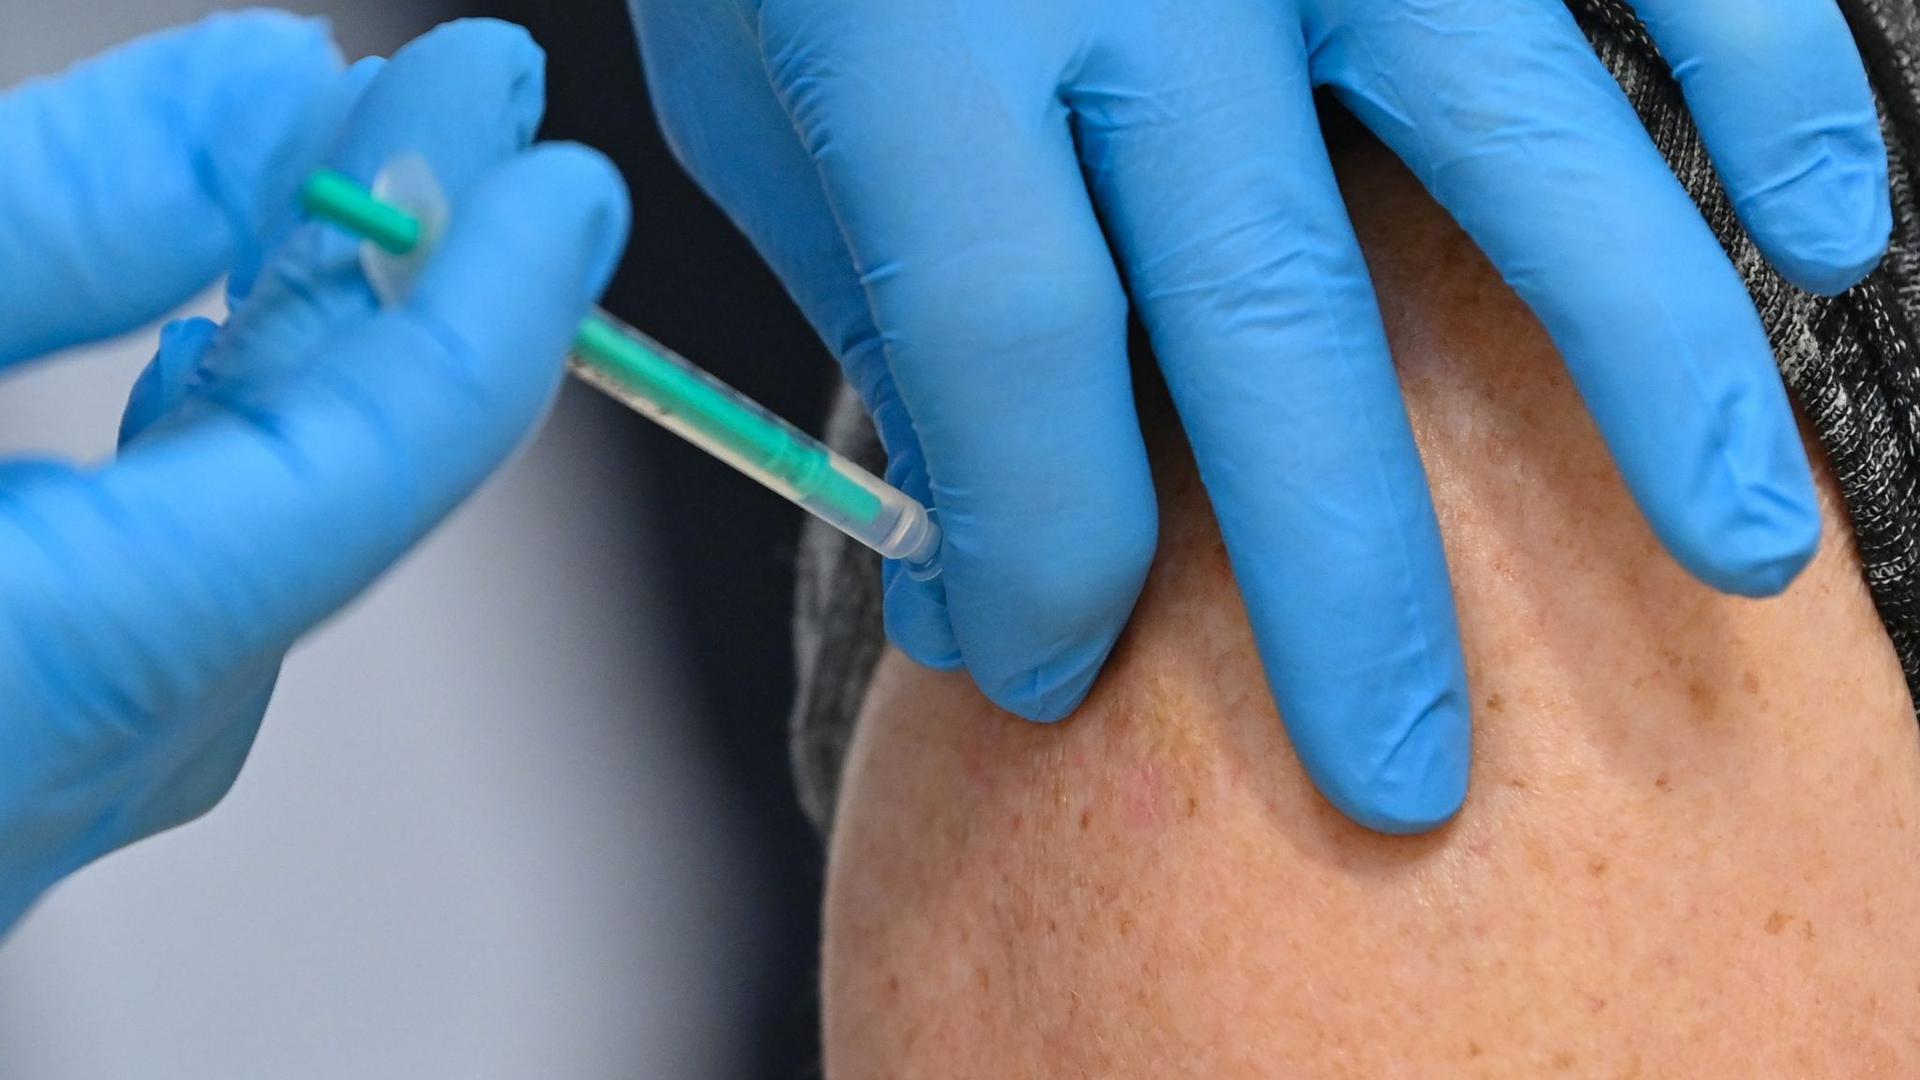 In Deutschland hat die dritte Corona-Welle begonnen - nun muss mehr Impfstoff verfügbar gemacht werden